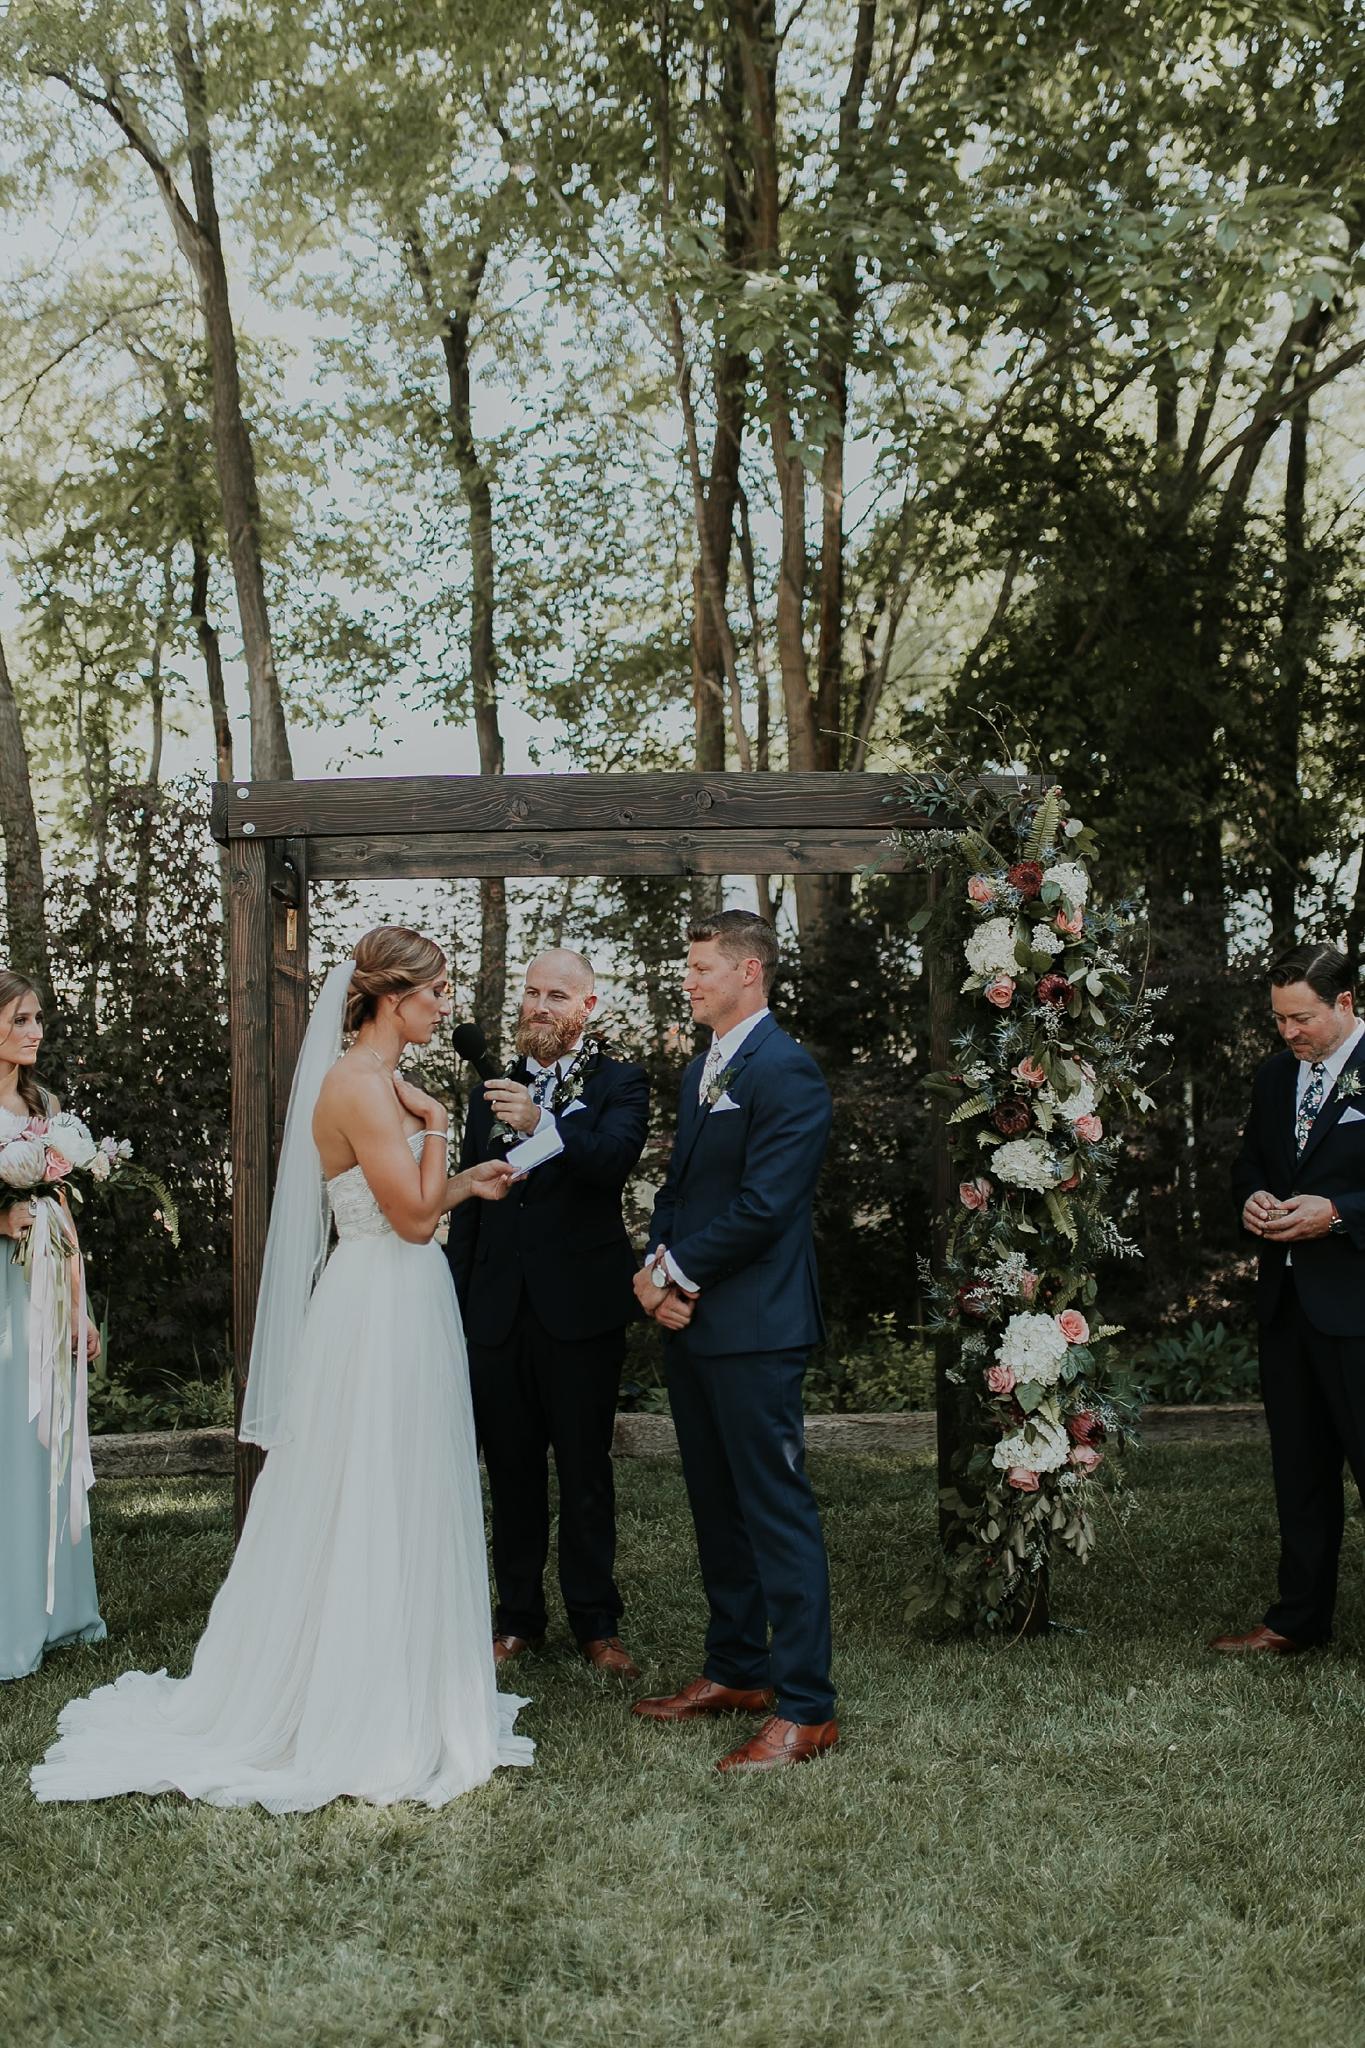 Alicia+lucia+photography+-+albuquerque+wedding+photographer+-+santa+fe+wedding+photography+-+new+mexico+wedding+photographer+-+new+mexico+wedding+-+wedding+vows+-+writing+your+own+vows+-+wedding+inspo_0045.jpg